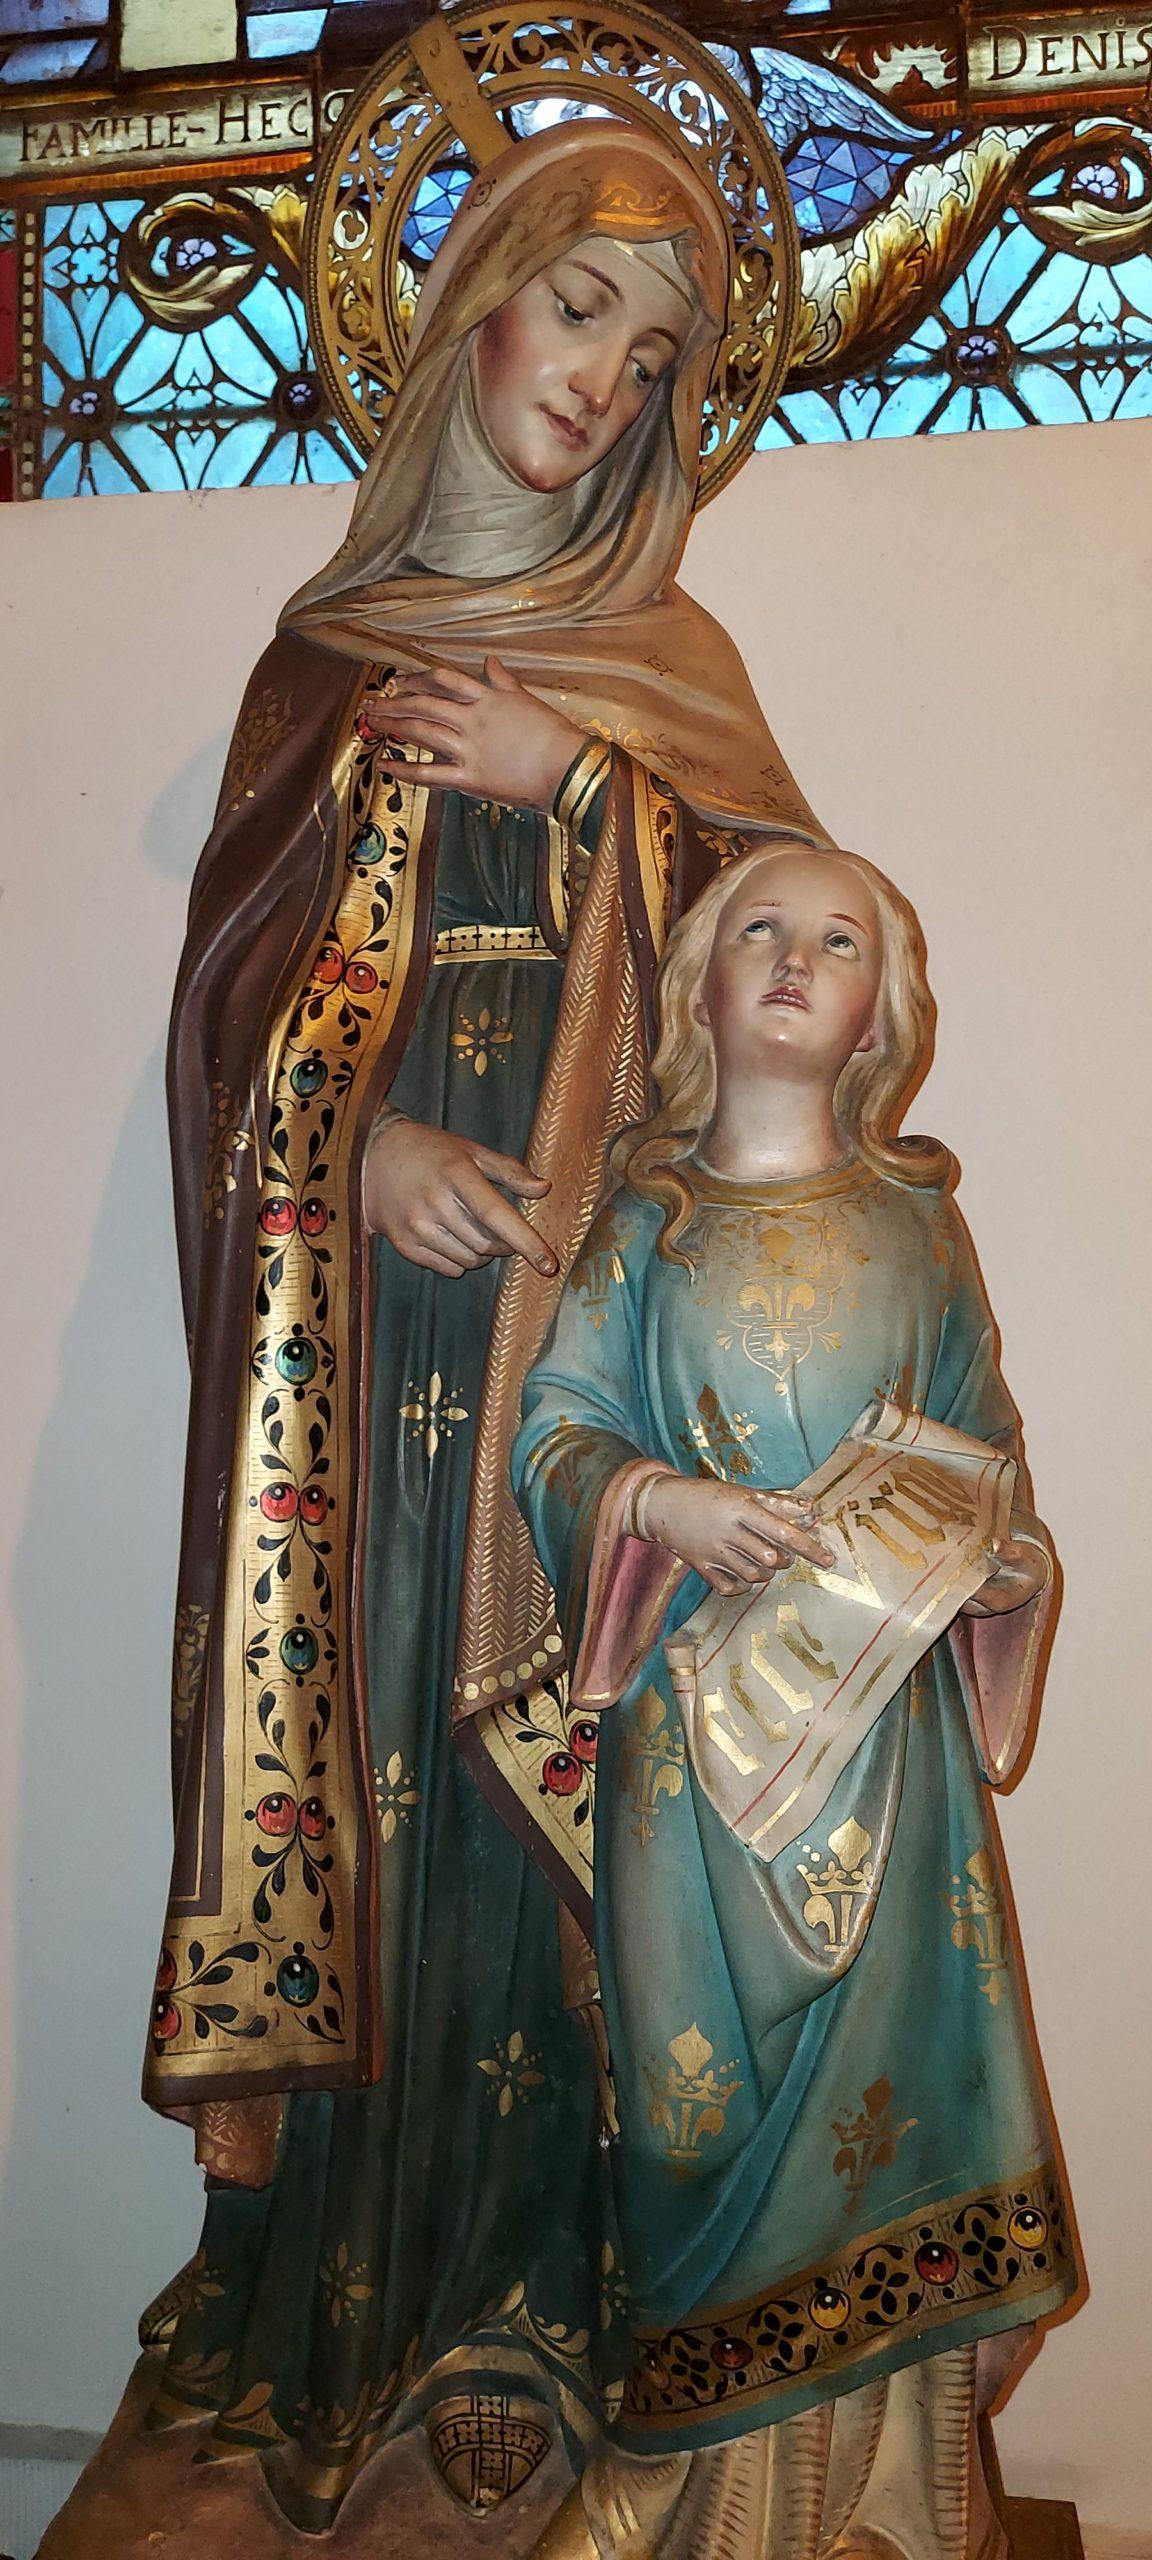 Hautrage-Centre - statue de la Vierge